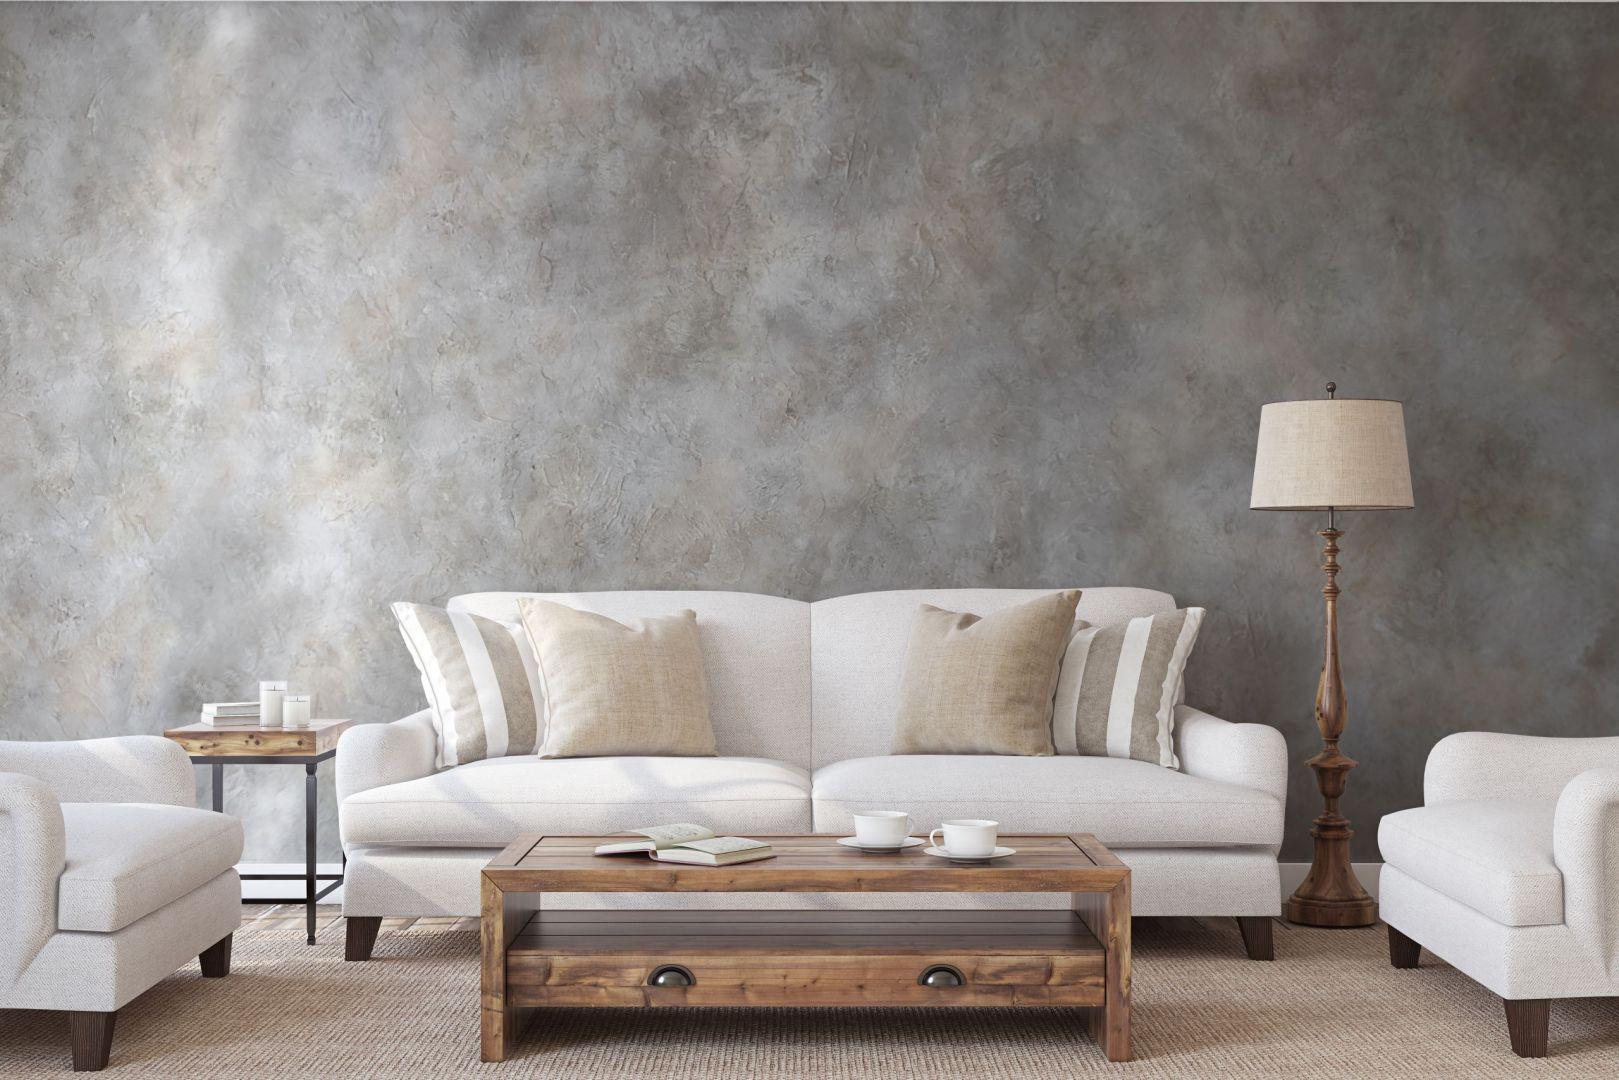 Gruboziarnista pasta strukturalna Primacol Decorative   Anticco pozwala uzyskać na ścianie efekt dekoracyjny nawiązujący do słonecznych wnętrz w stylu śródziemnomorskim. Fot. Primacol Decorative